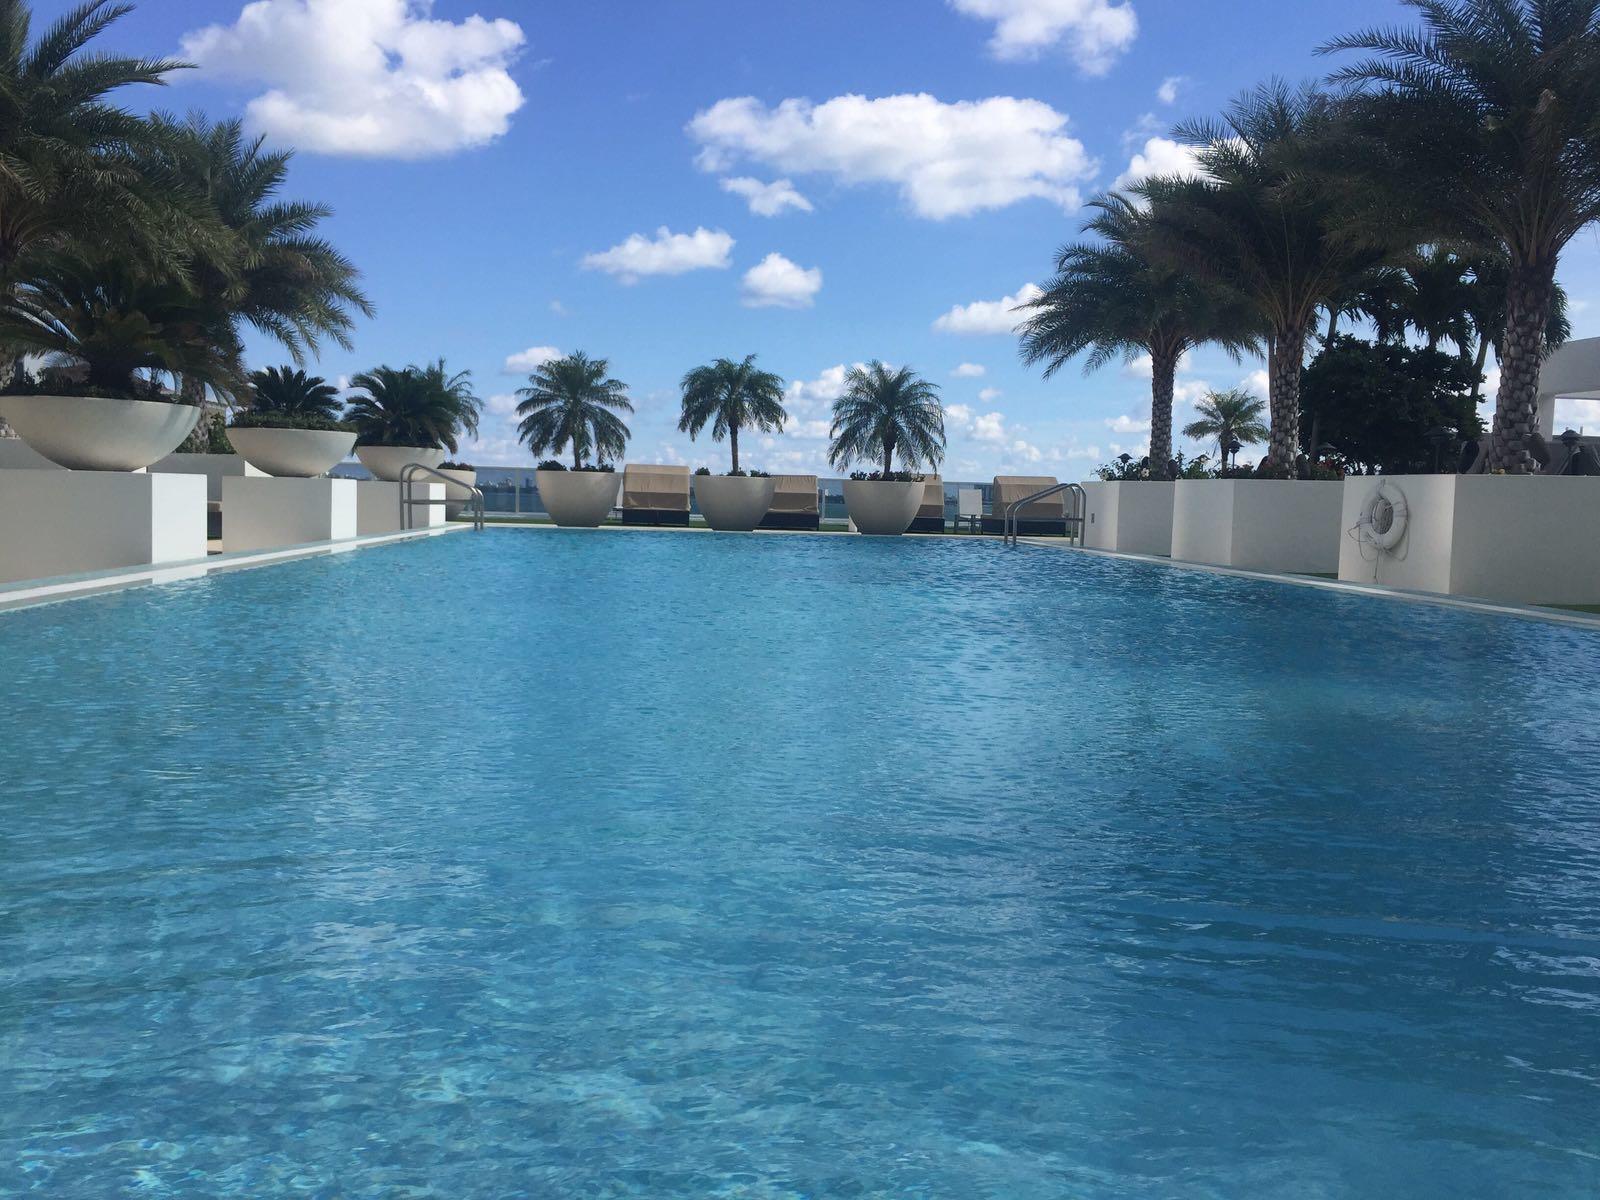 Miami, FL 33137 Miami FL 33137